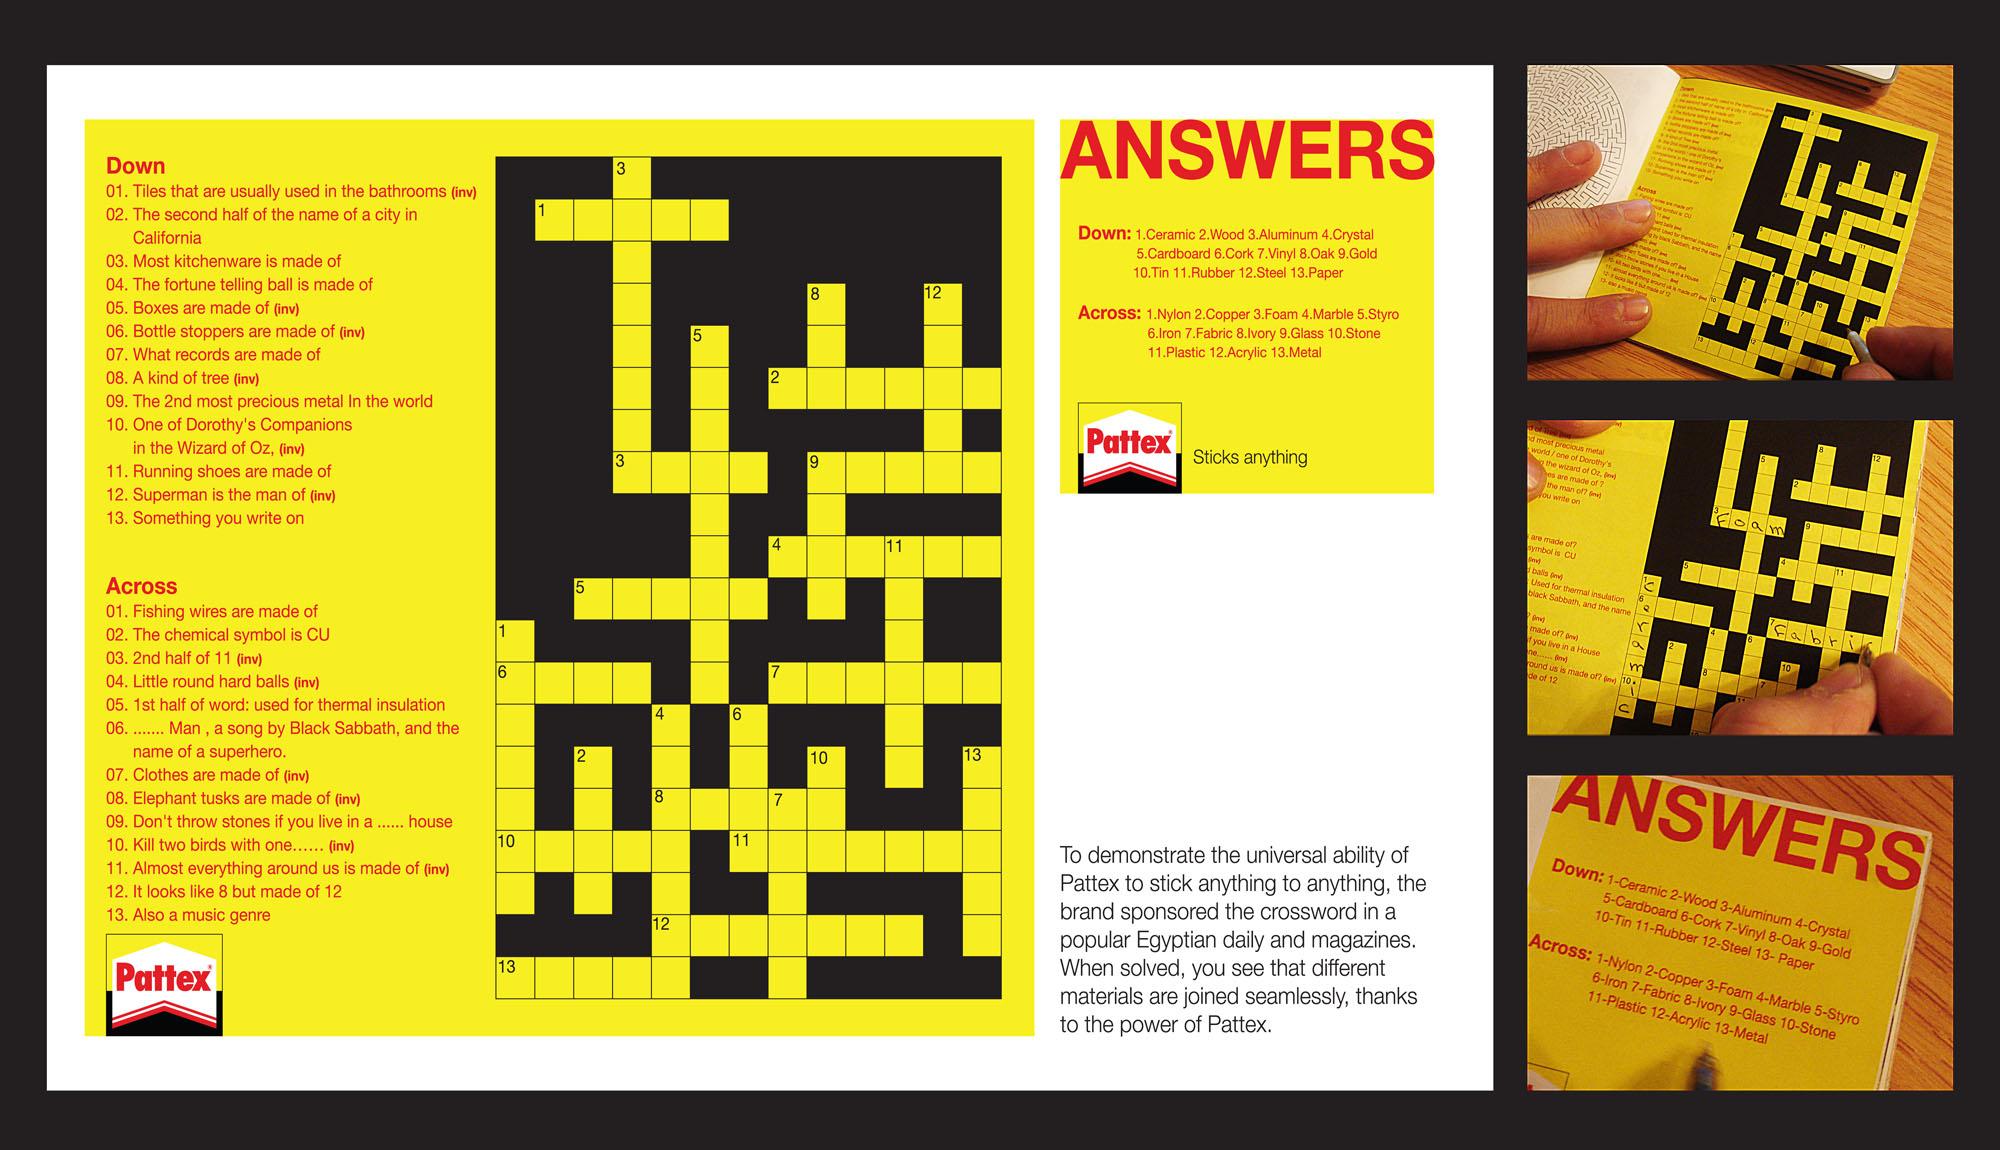 crosswordsHenkel Материалы соединяются без швов   партизанский кросворд